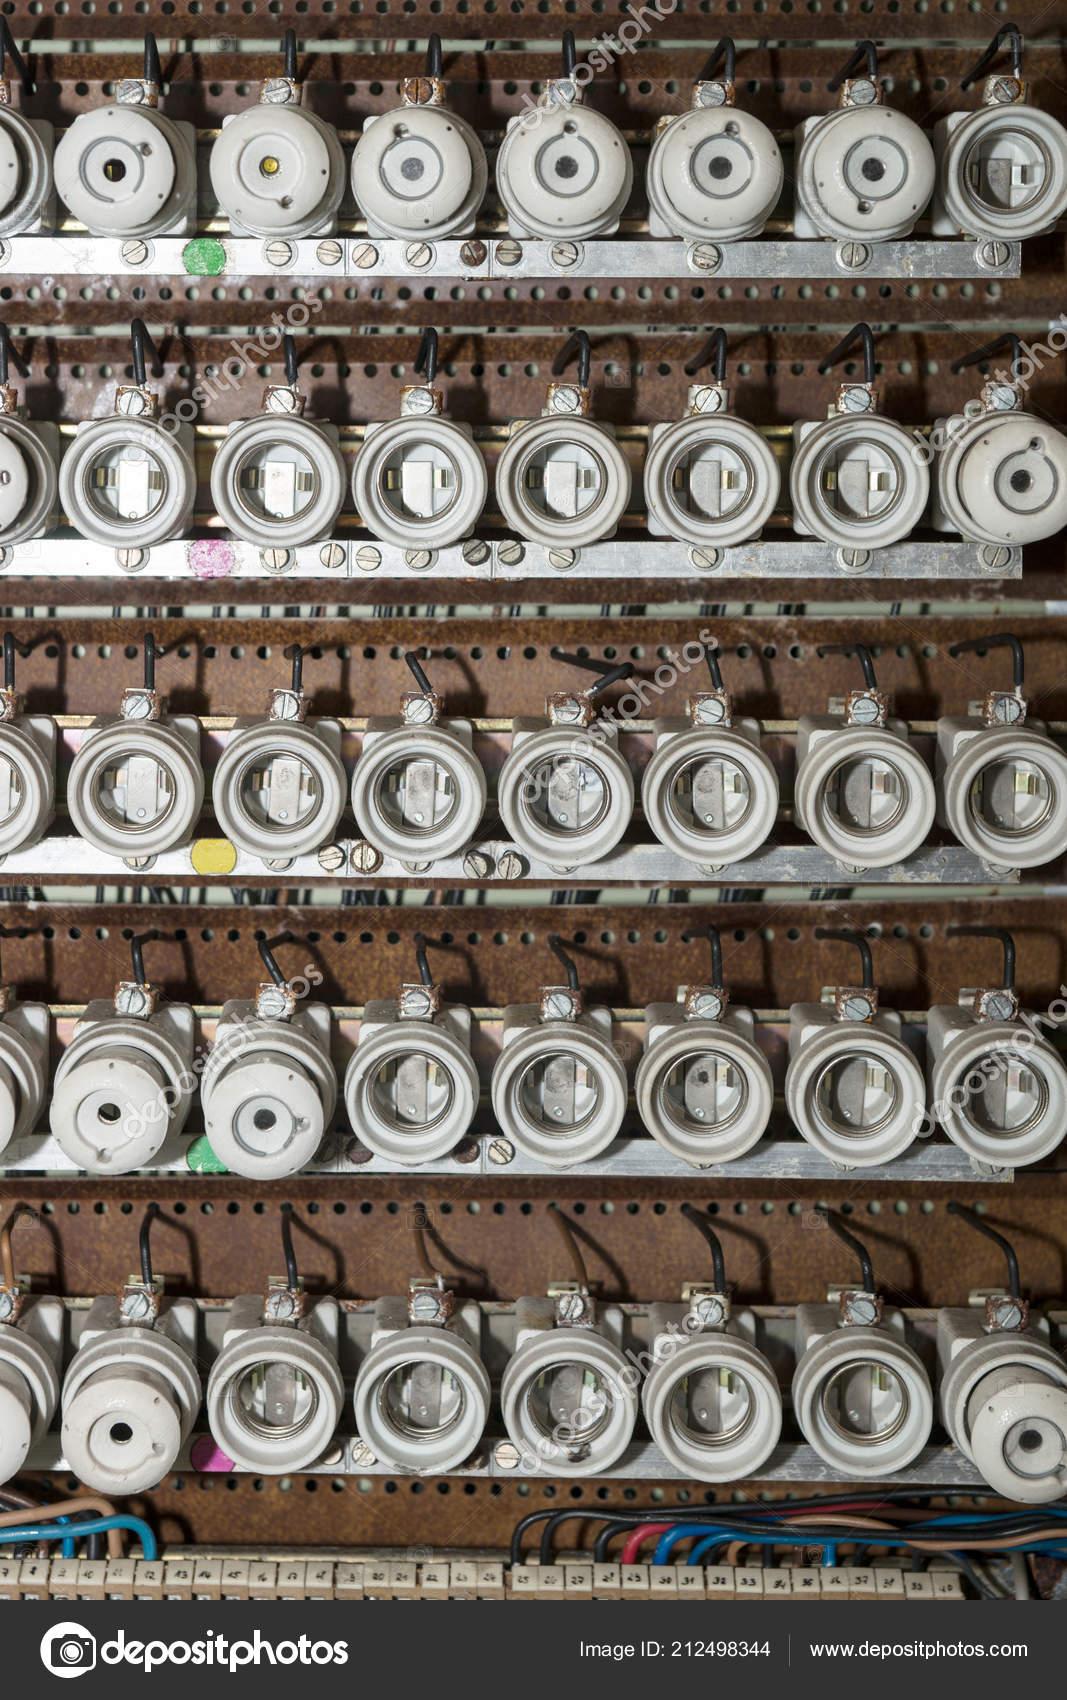 old electrical fuse box porcelain fuses \u2014 stock photo © kelifamily